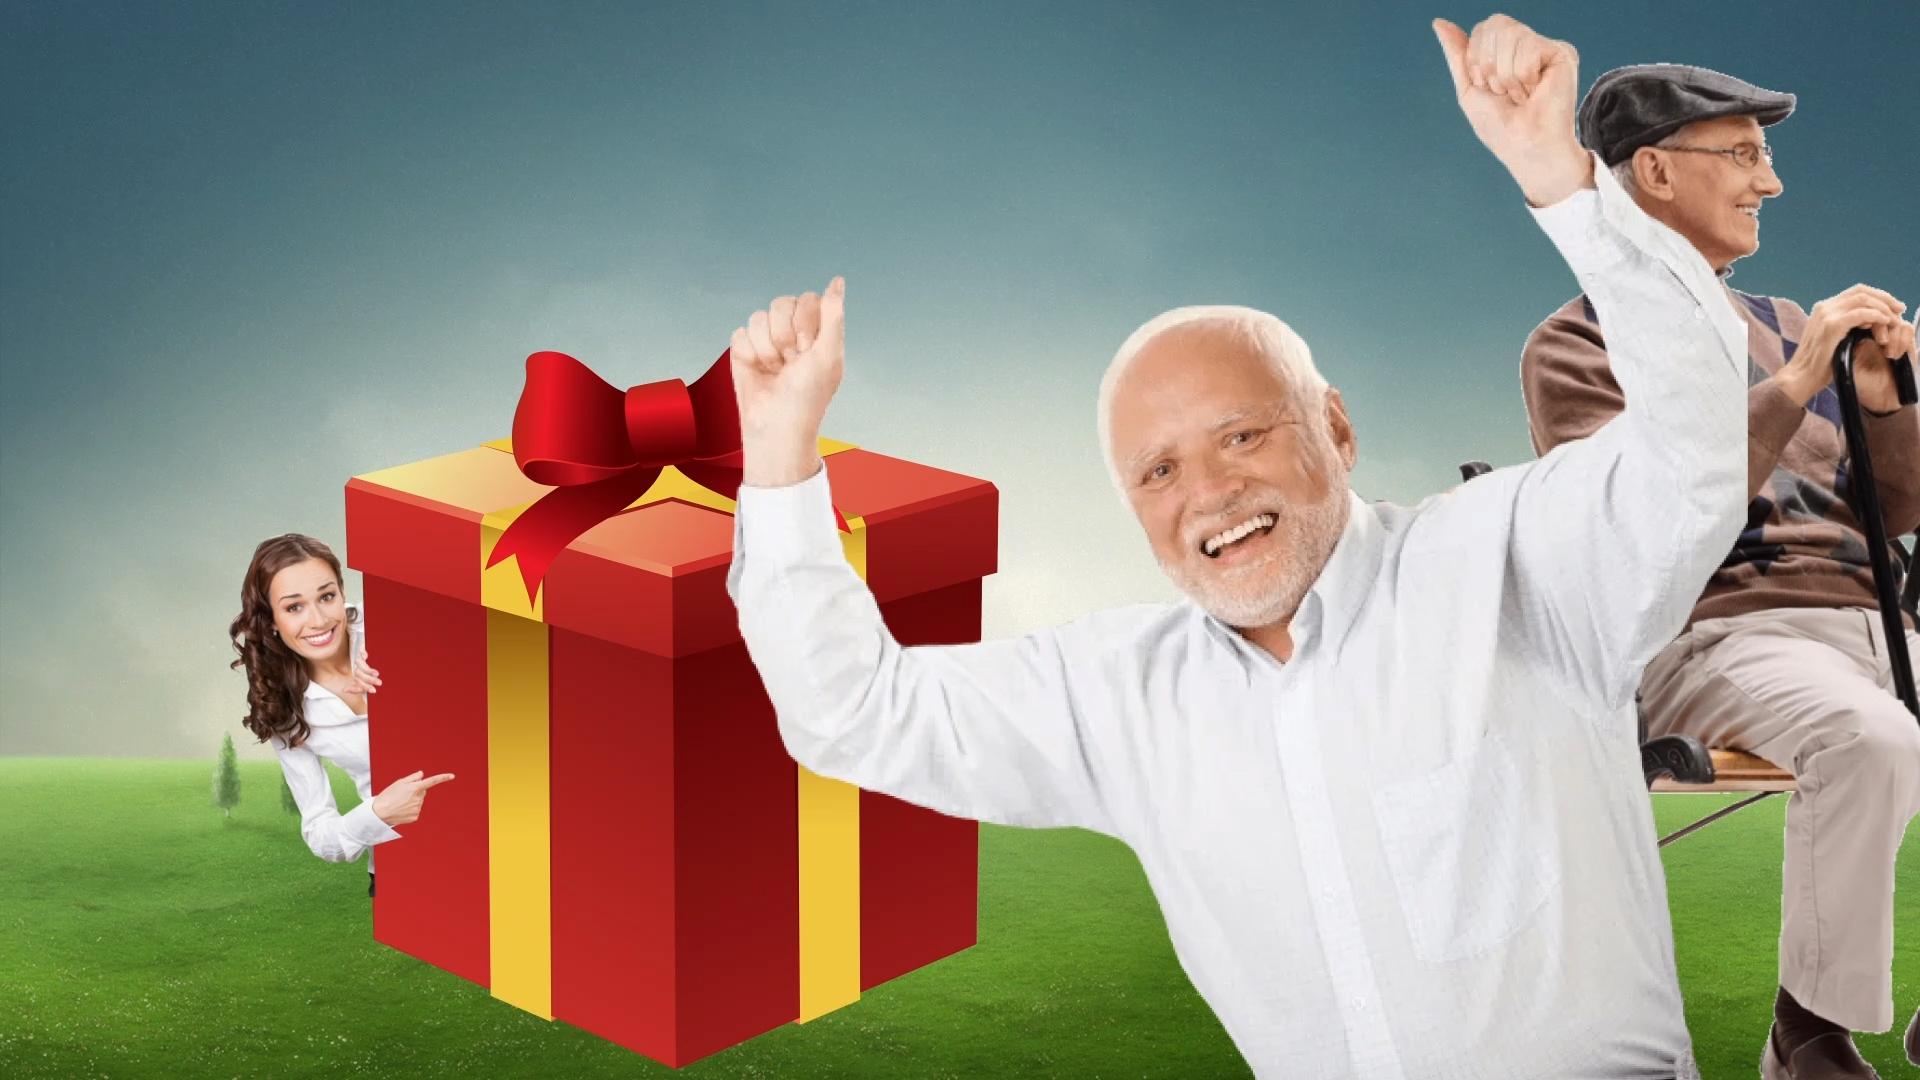 Сегодня Лидское телевидение подвело итоги конкурса «Мои года – моё богатство» и уже объявляет о начале нового конкурса, приуроченного ко Дню матери